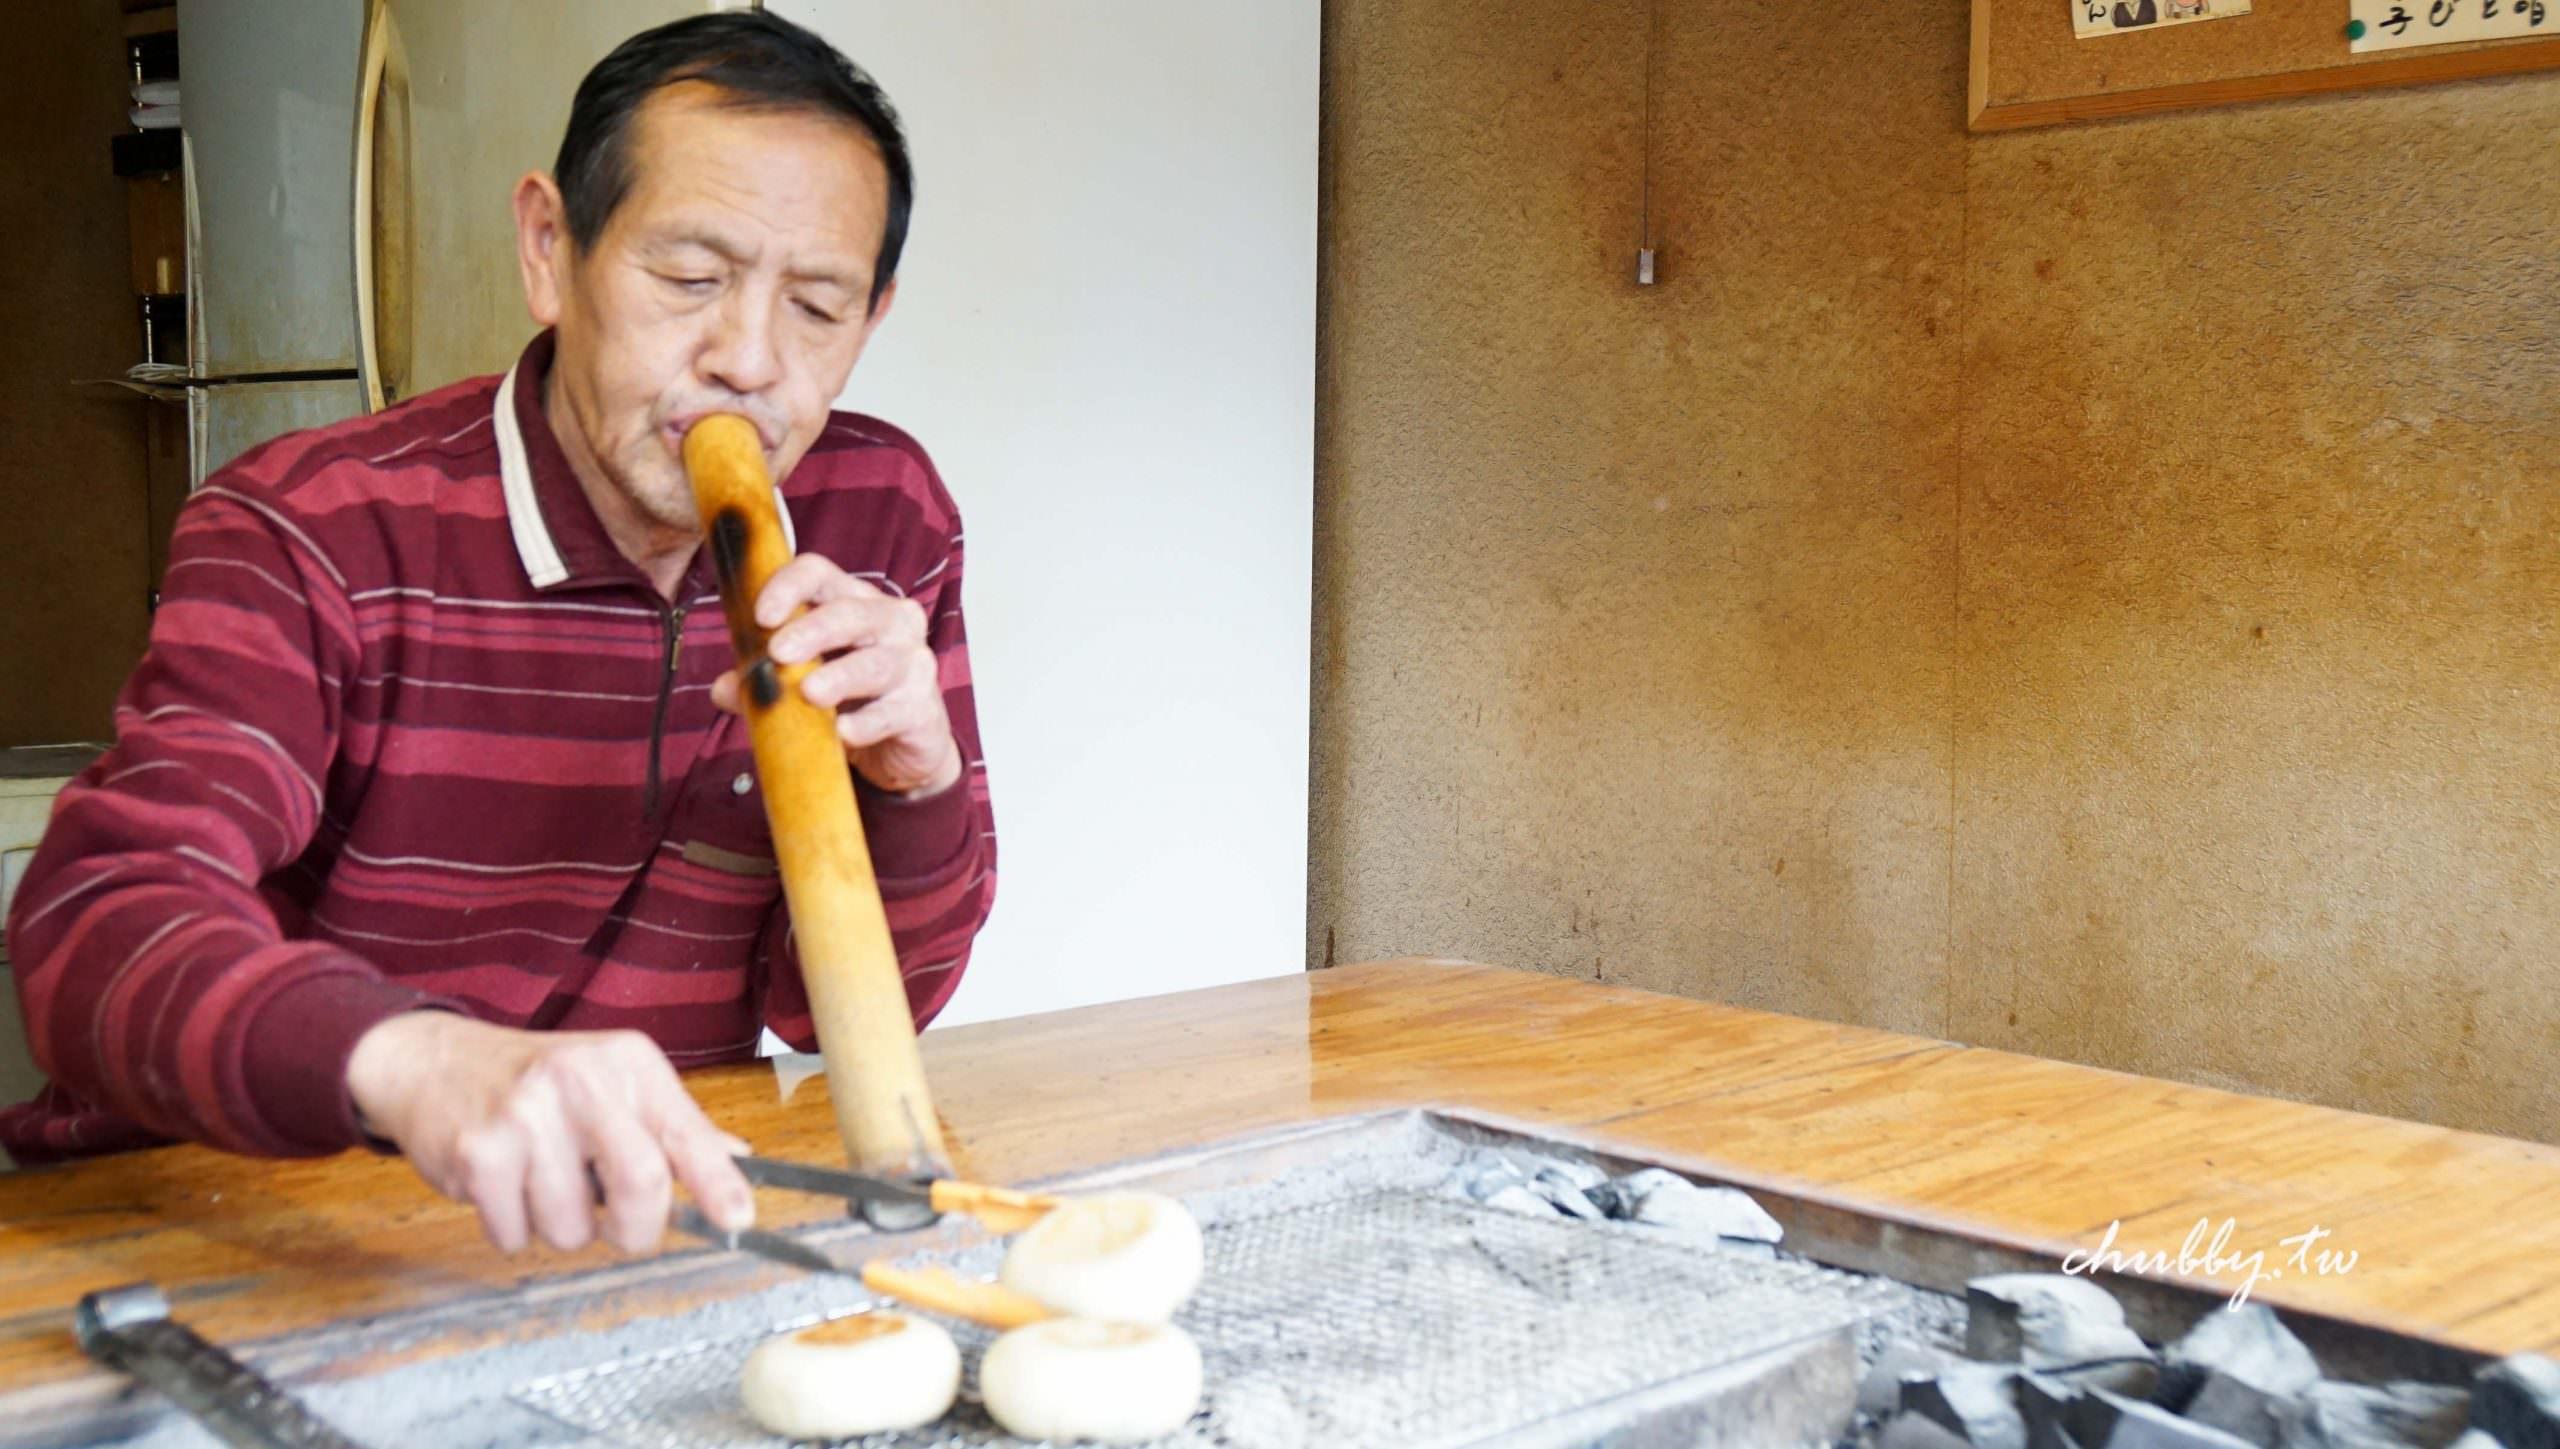 昼神溫泉必吃御燒:おやき工房えんまん,老爺爺用竹子吹烤的御燒(日式煎餅),超多口味現烤現吃!